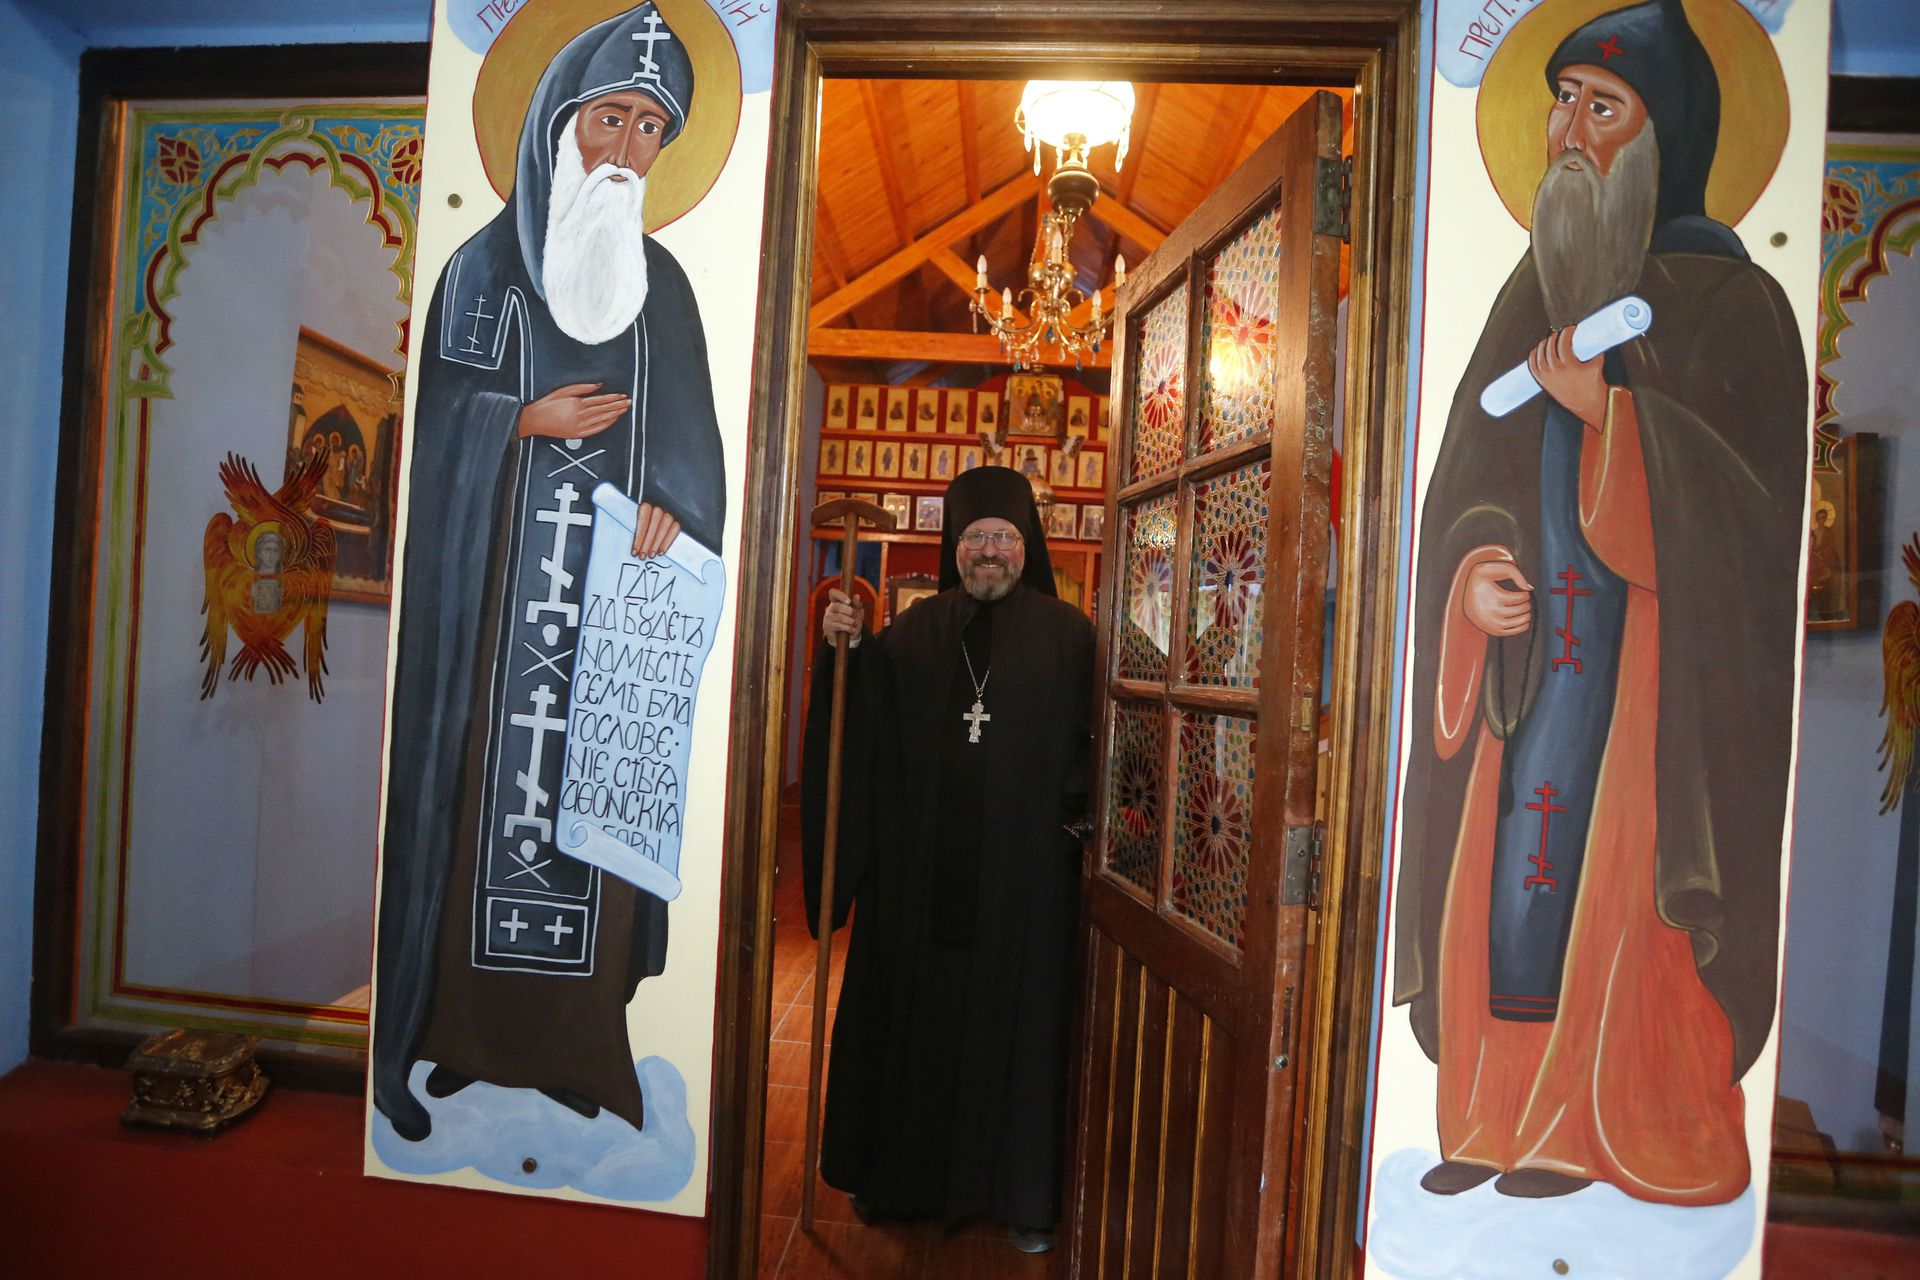 El monasterio está lleno de imágenes religiosas